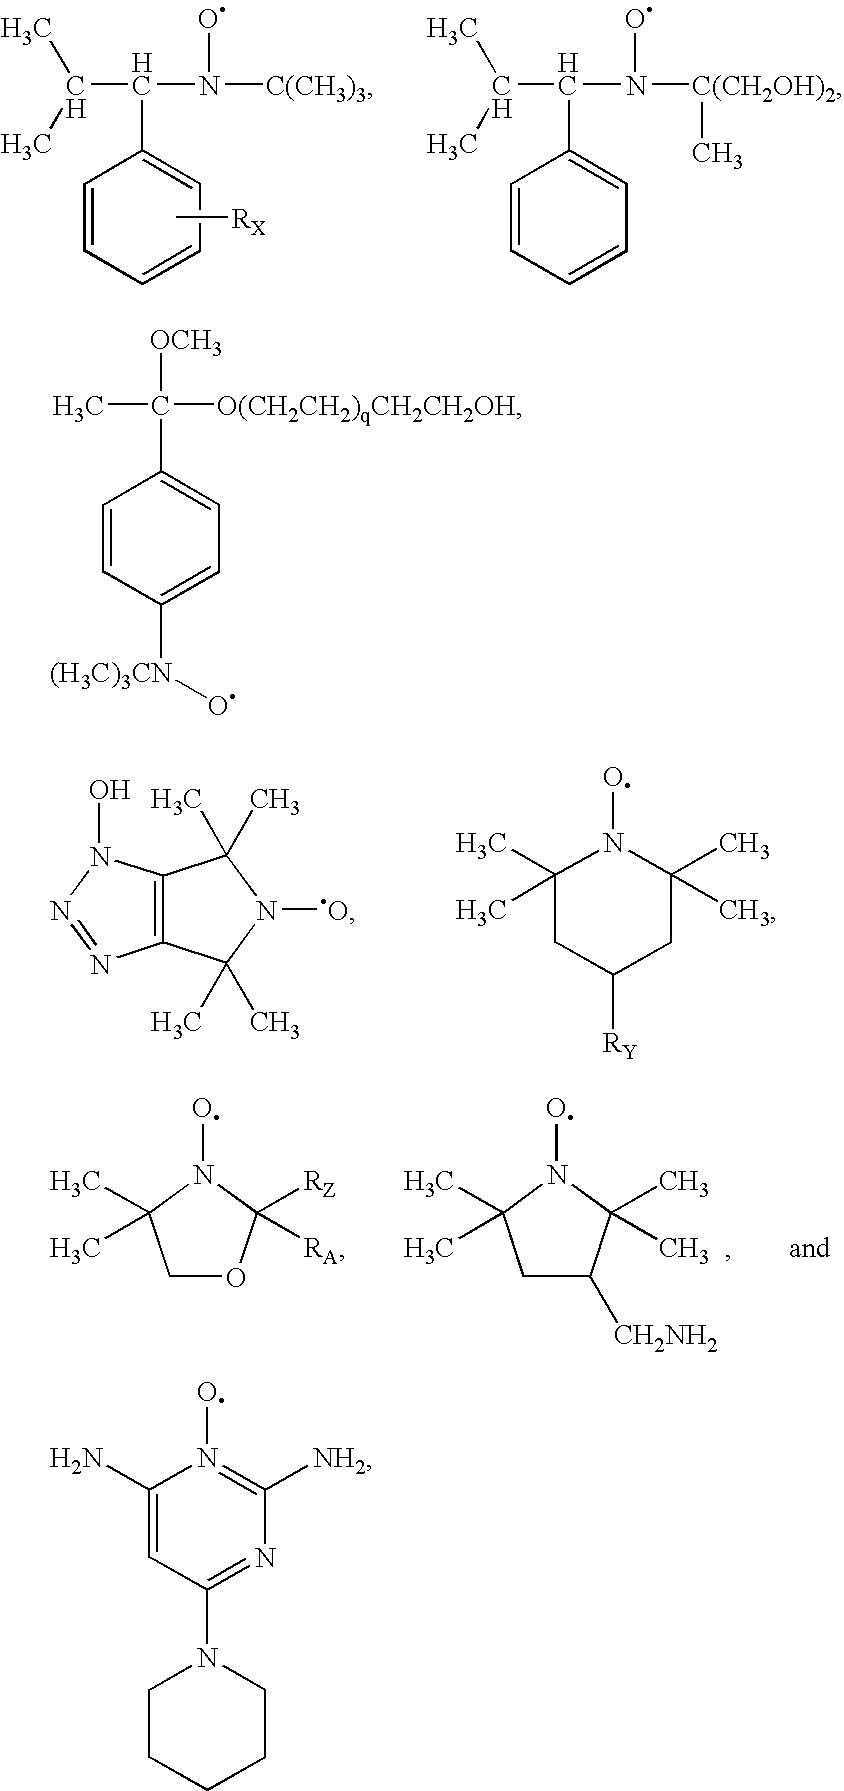 Figure US20080014245A1-20080117-C00045